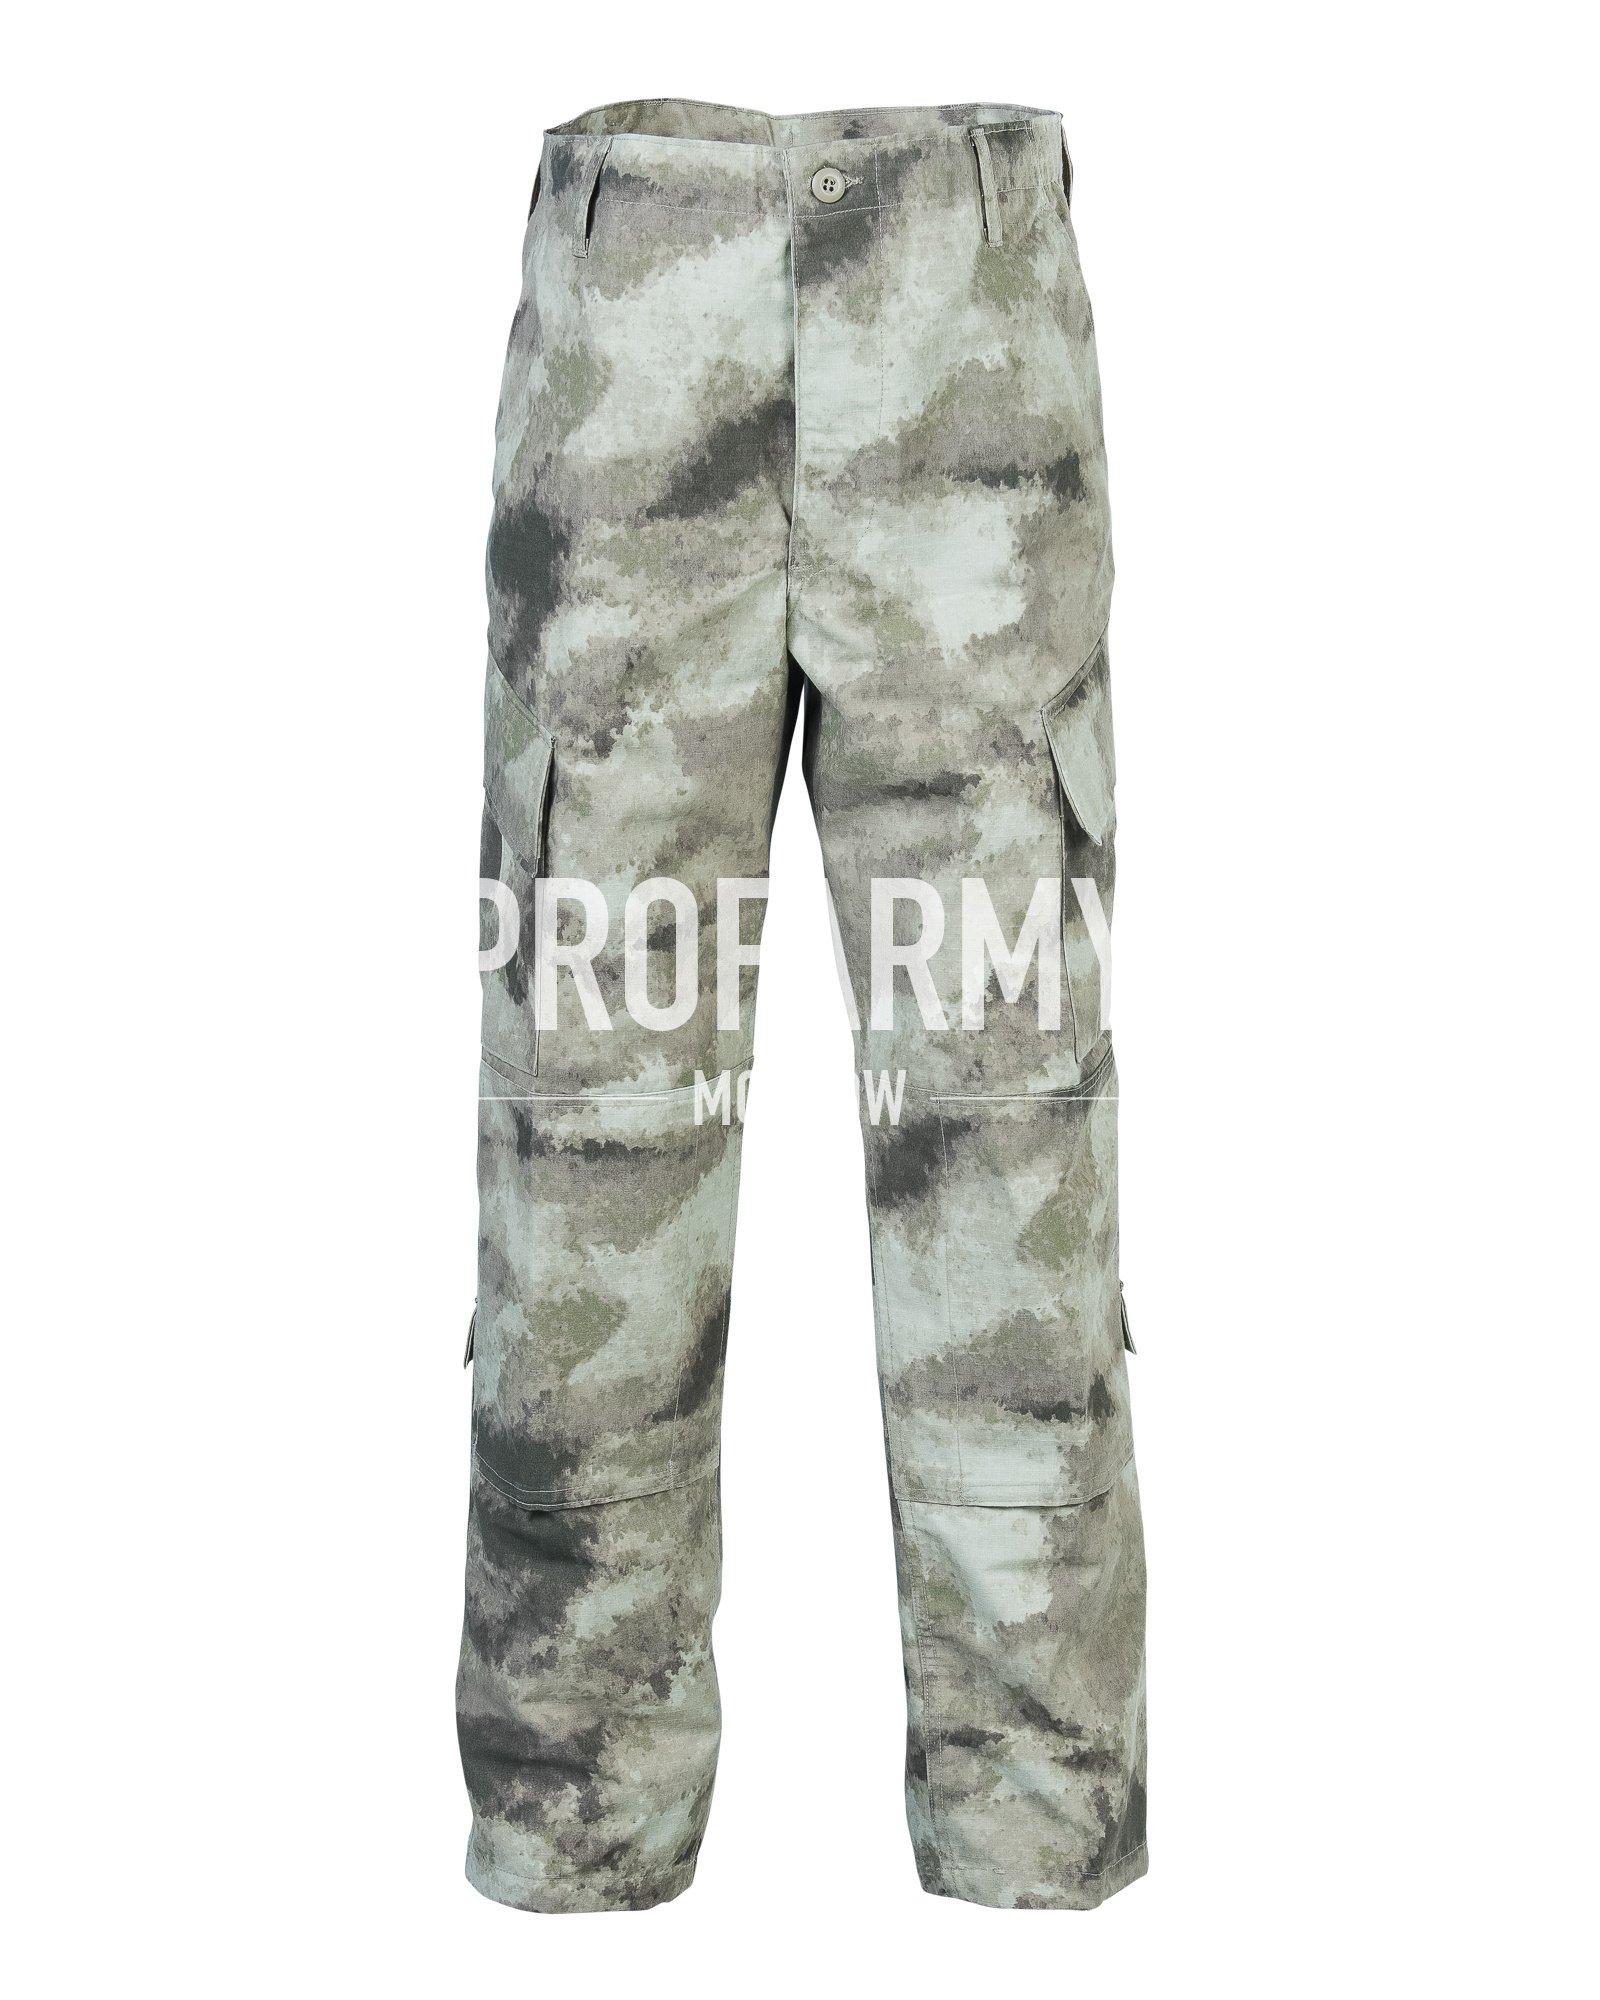 Брюки Propper A-TACS ACU, Тактические брюки - арт. 897850344